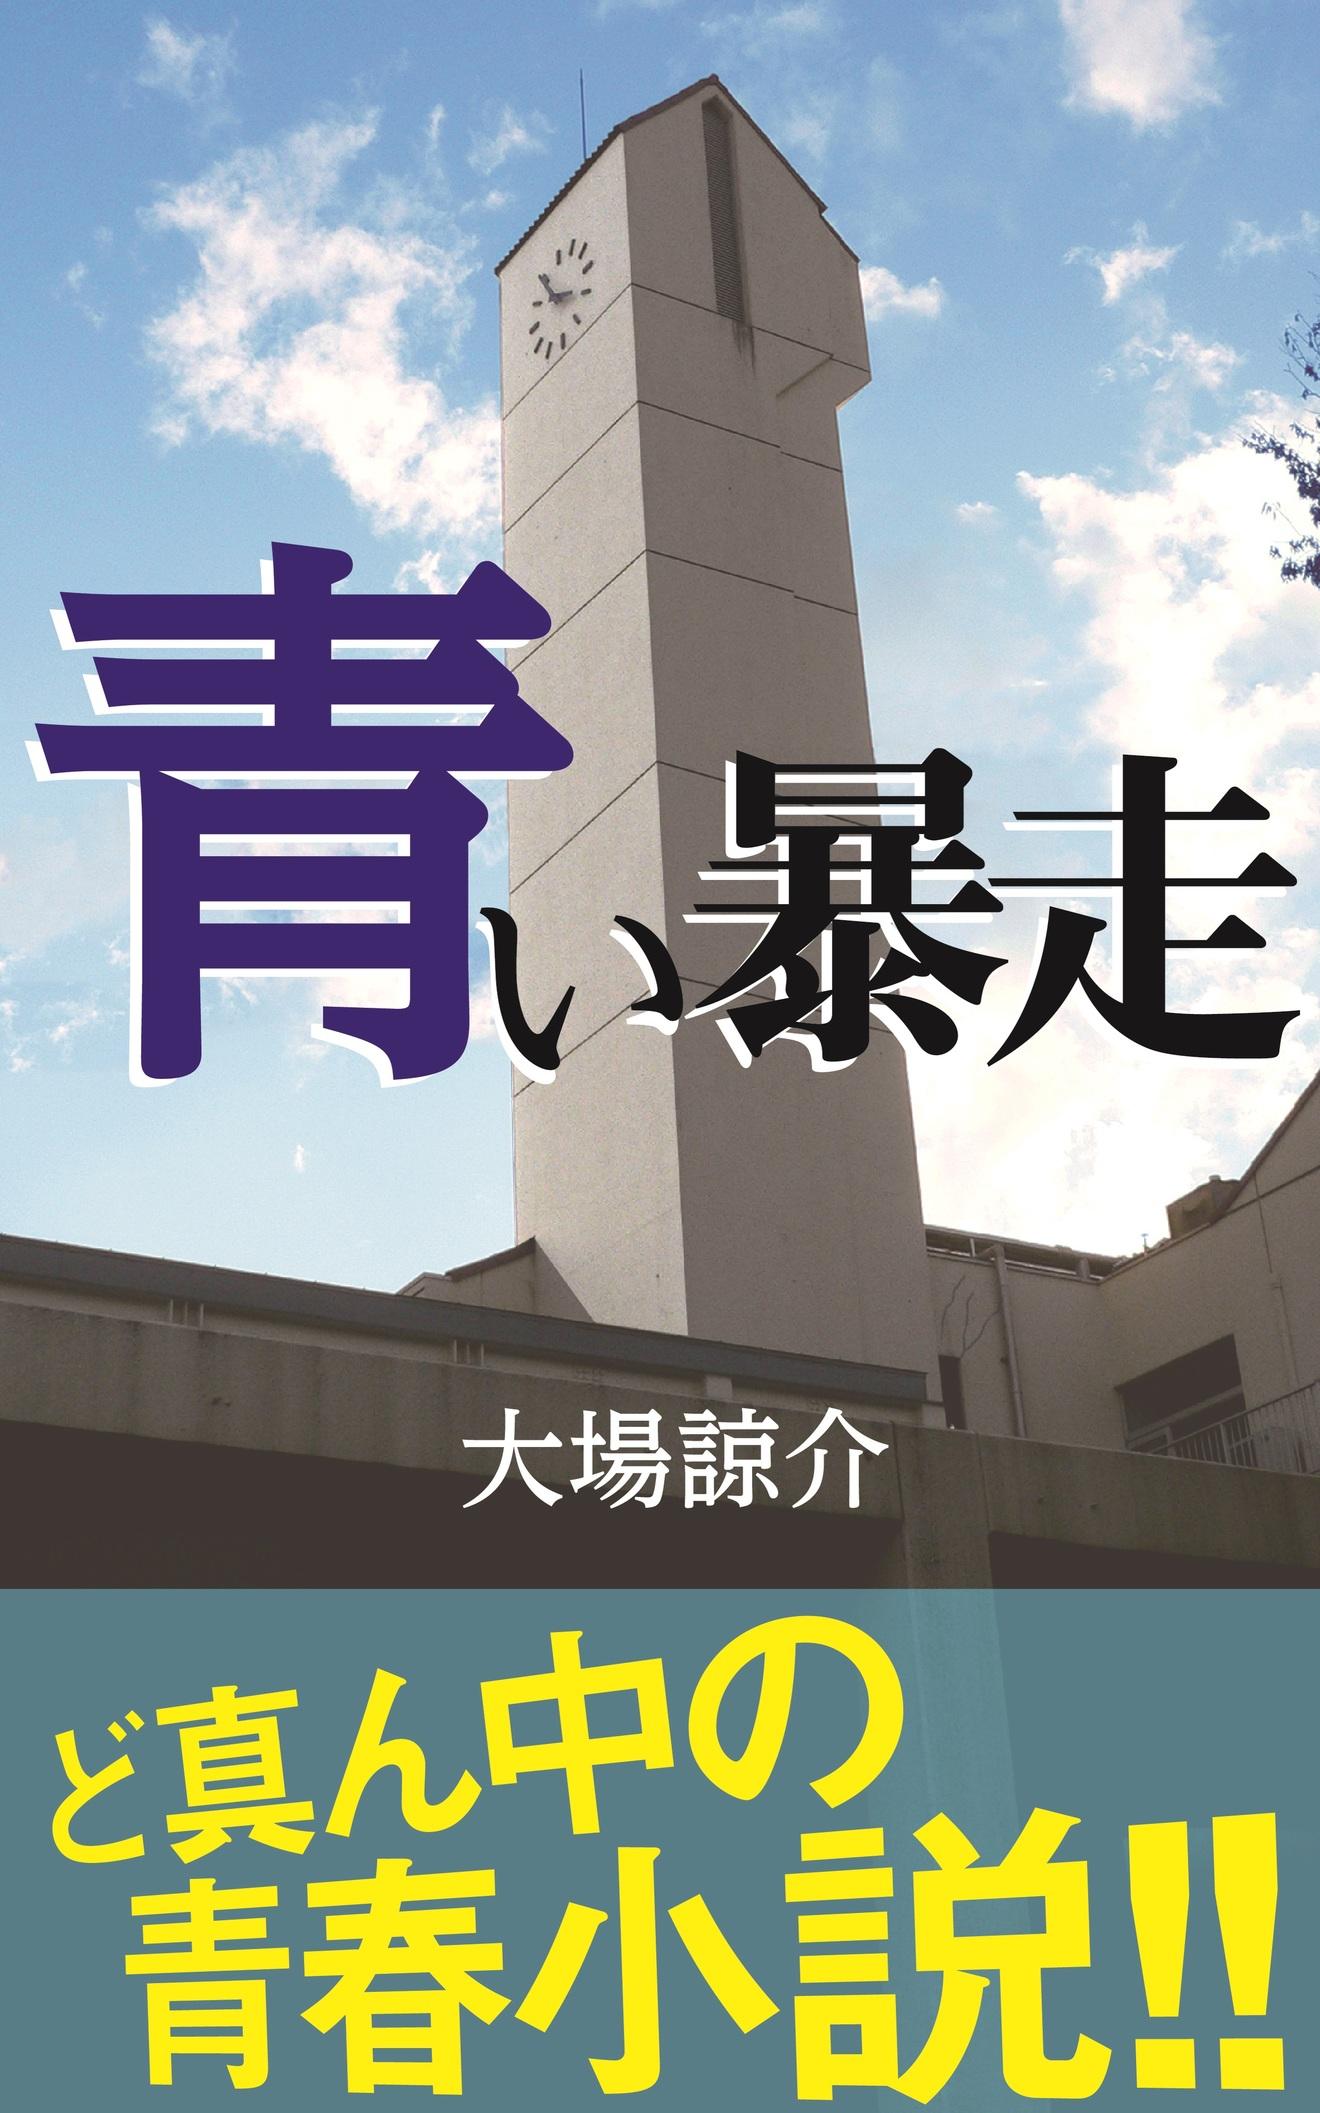 【連載小説】「青い暴走」シリーズ「優しい音」第1話【毎週土曜更新】